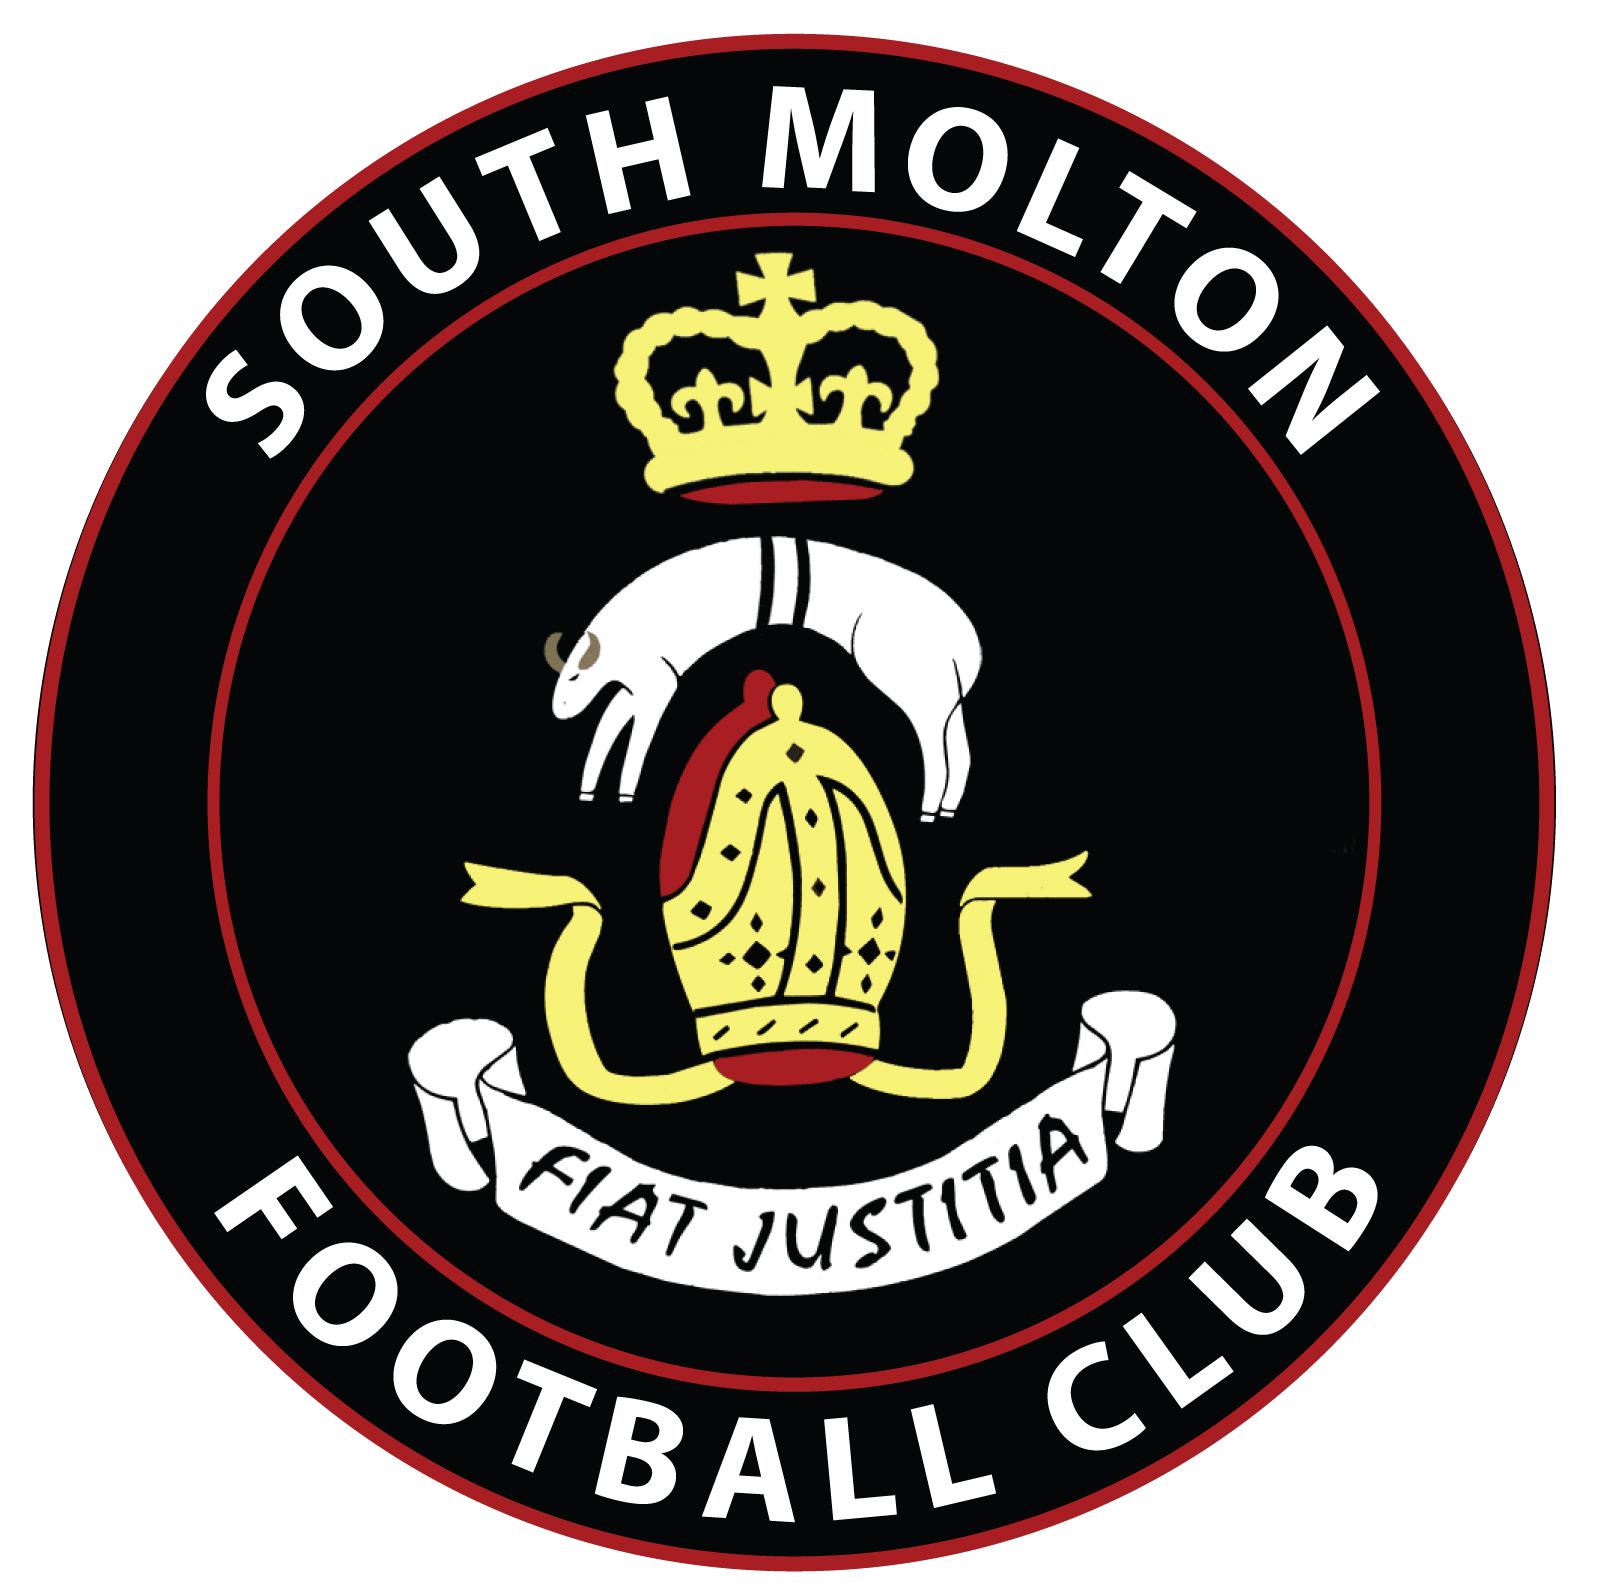 South Molton Football Club